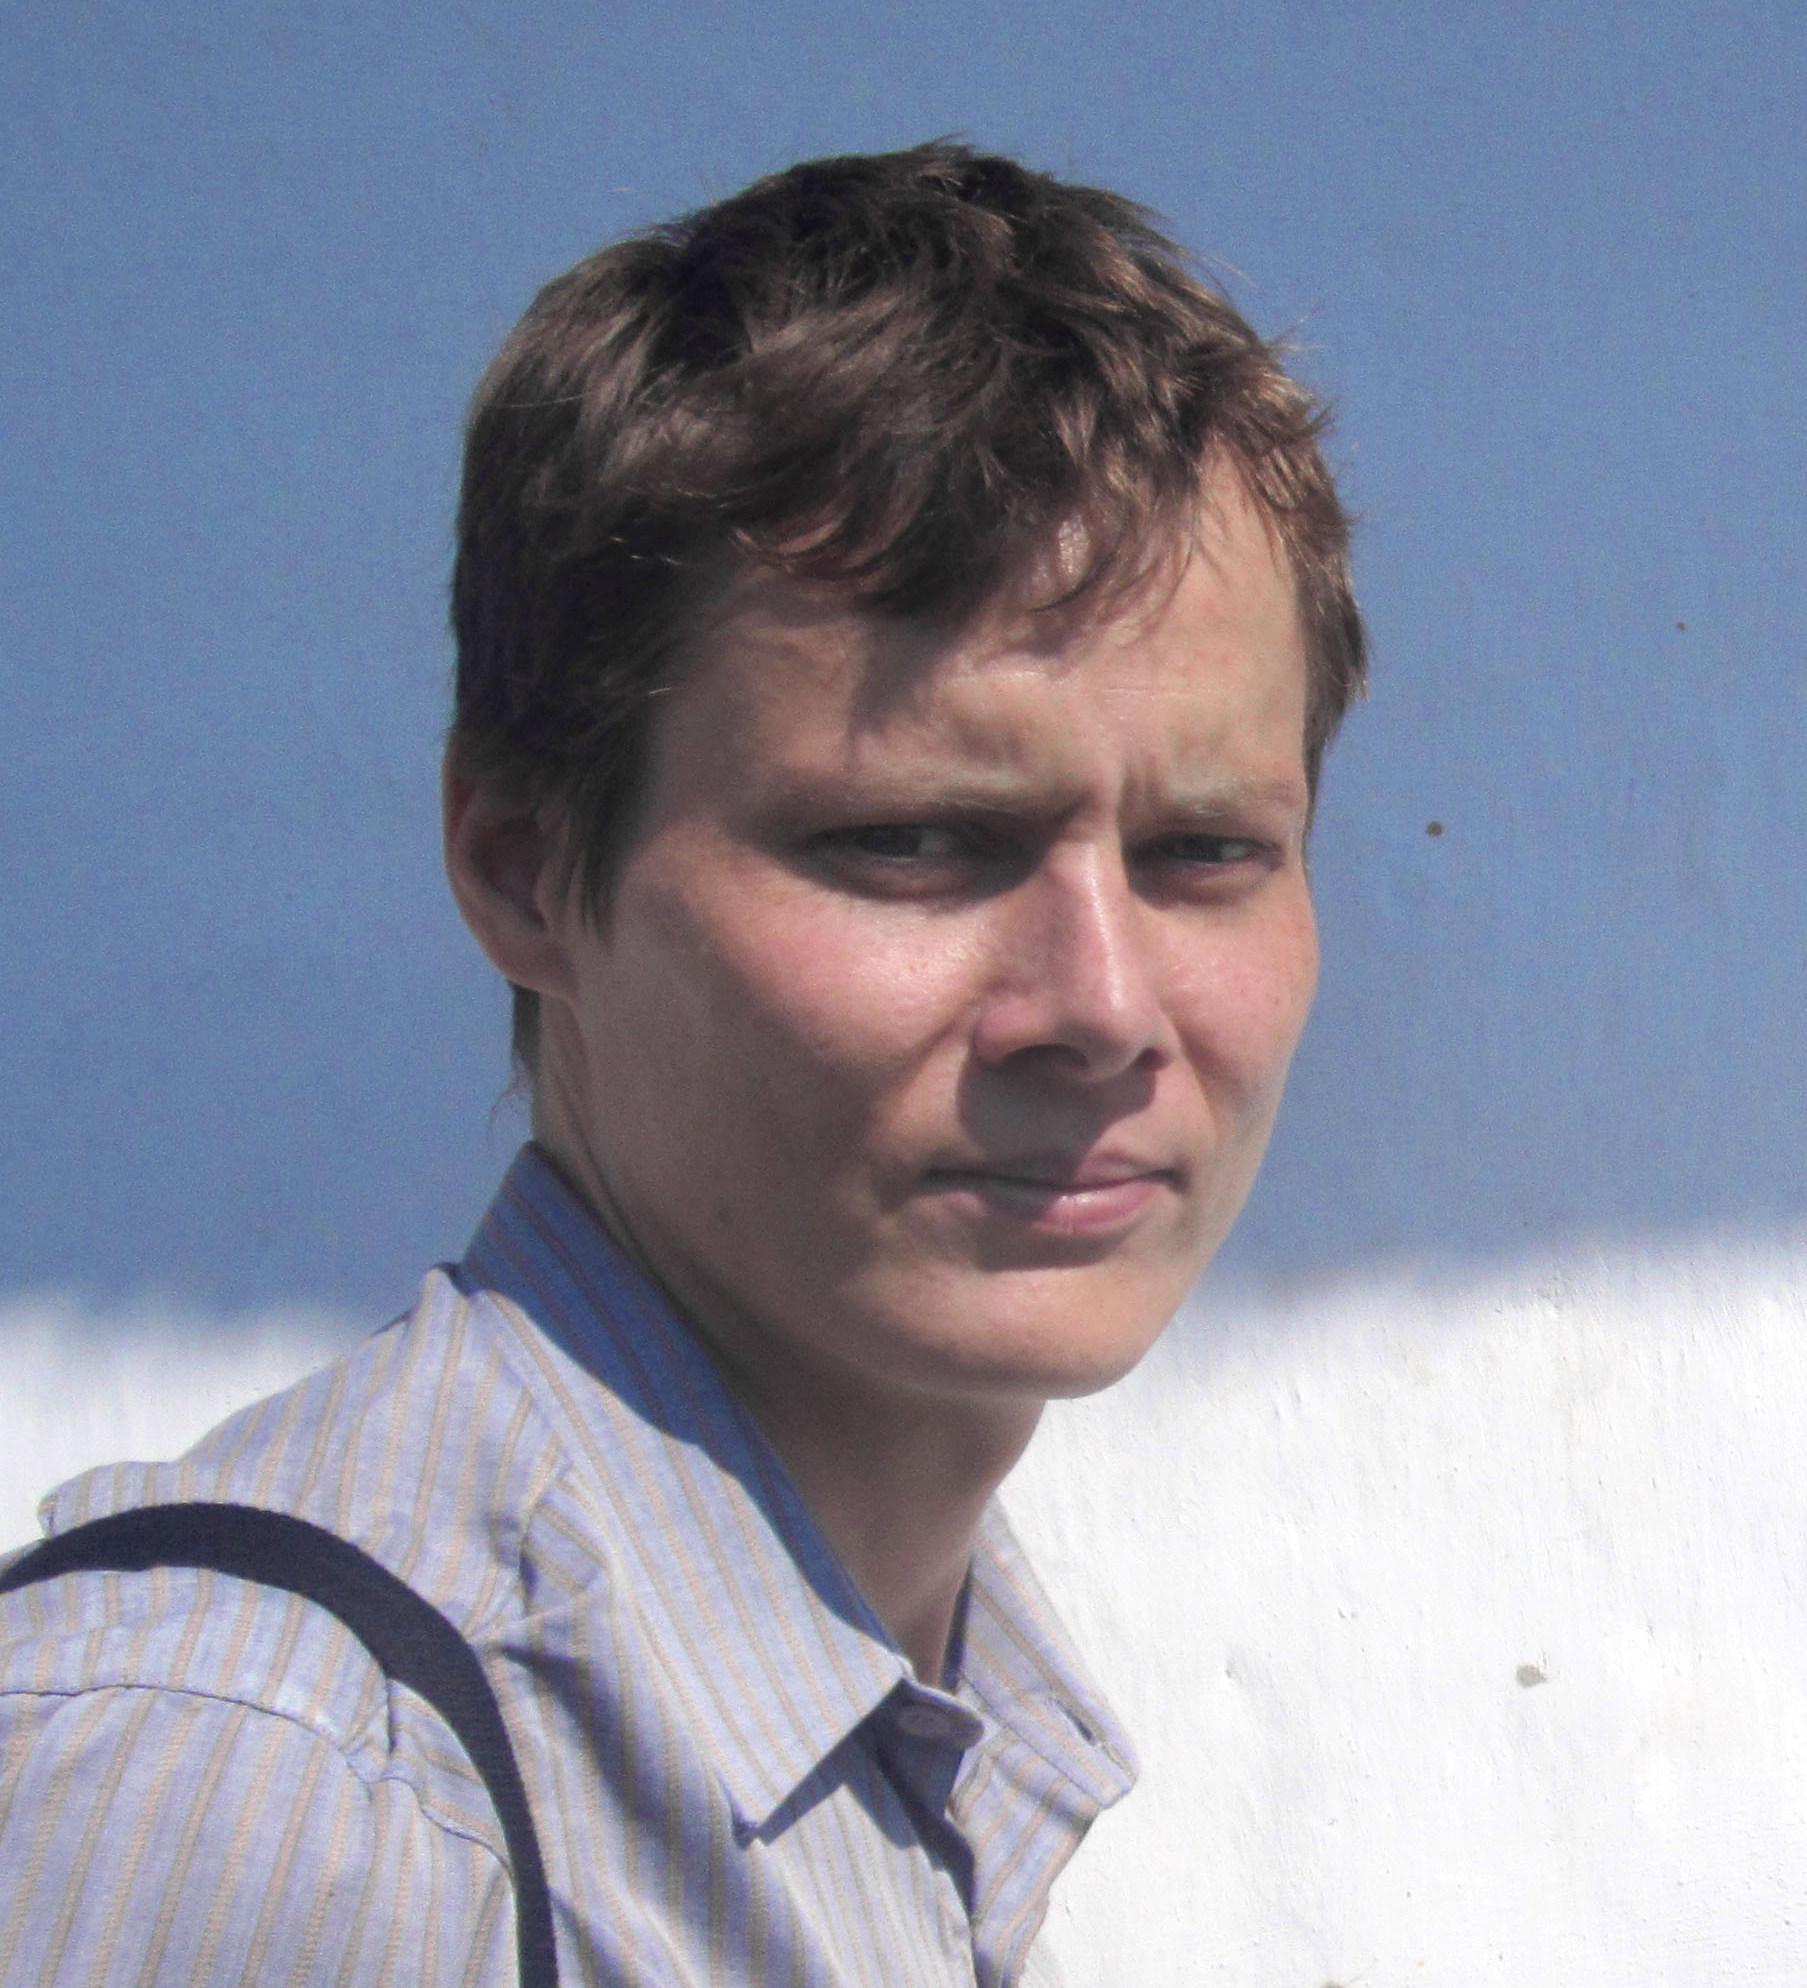 Interjú Glóbi rajzolójával, Hajba Lászlóval